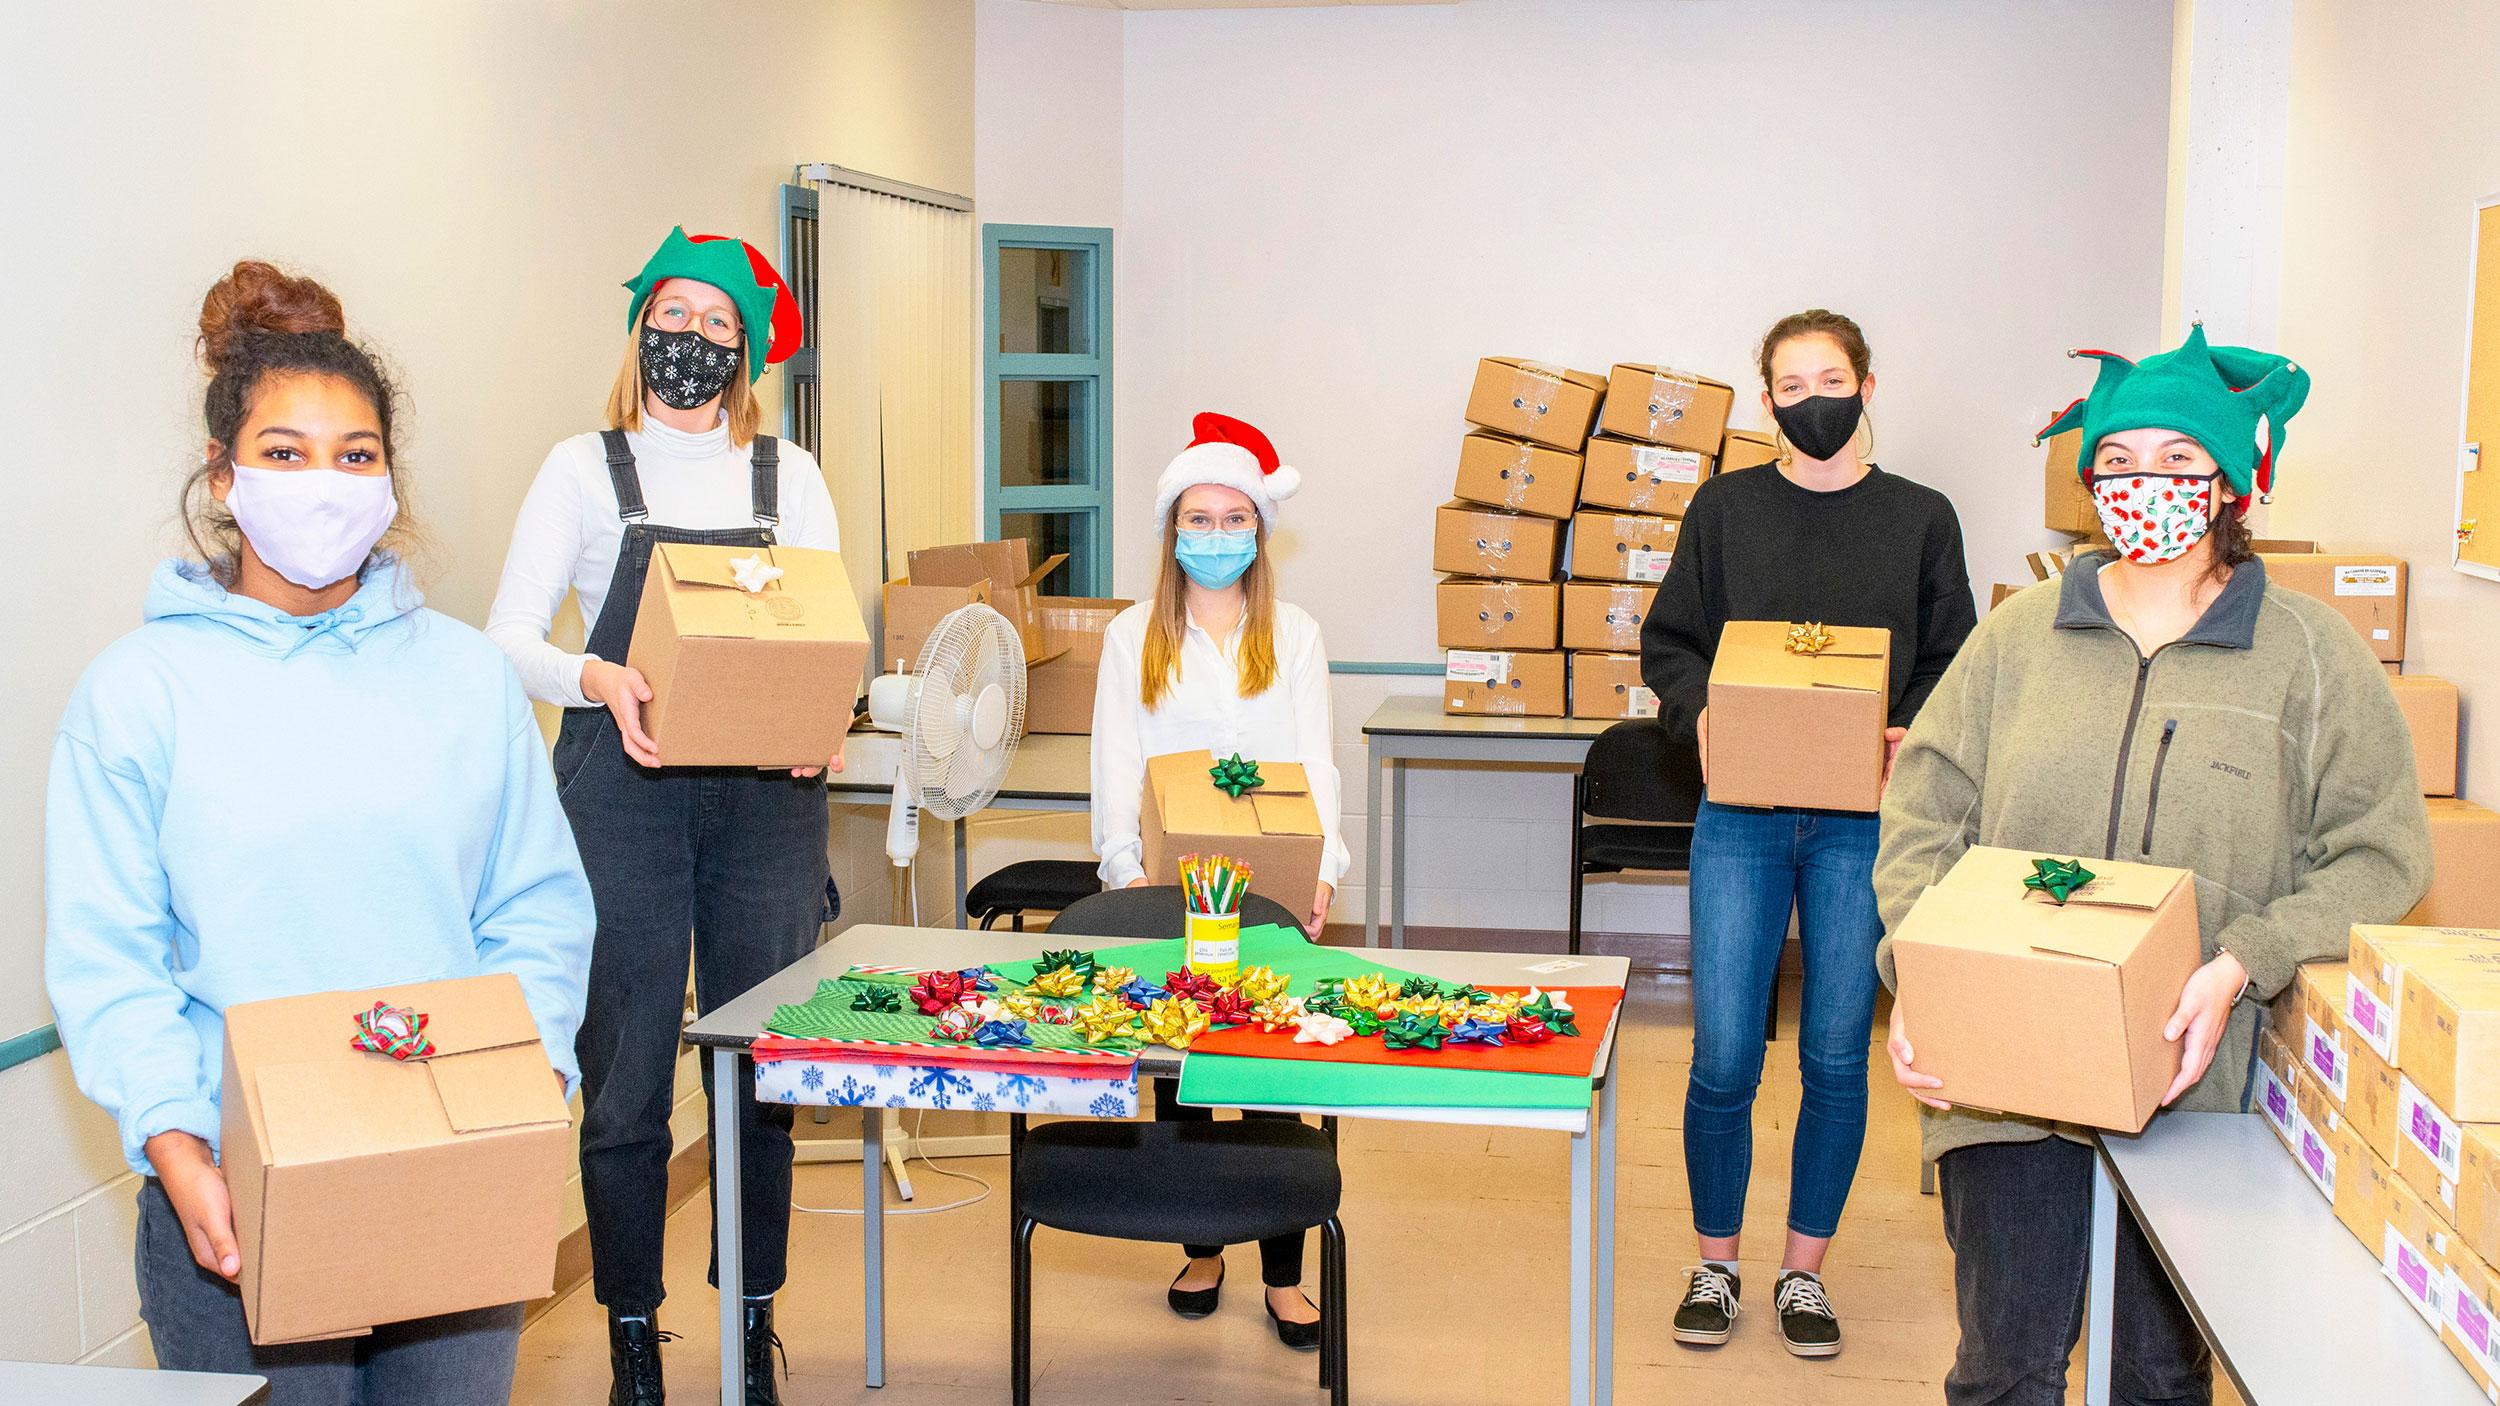 quatre personne emballant cadeaux